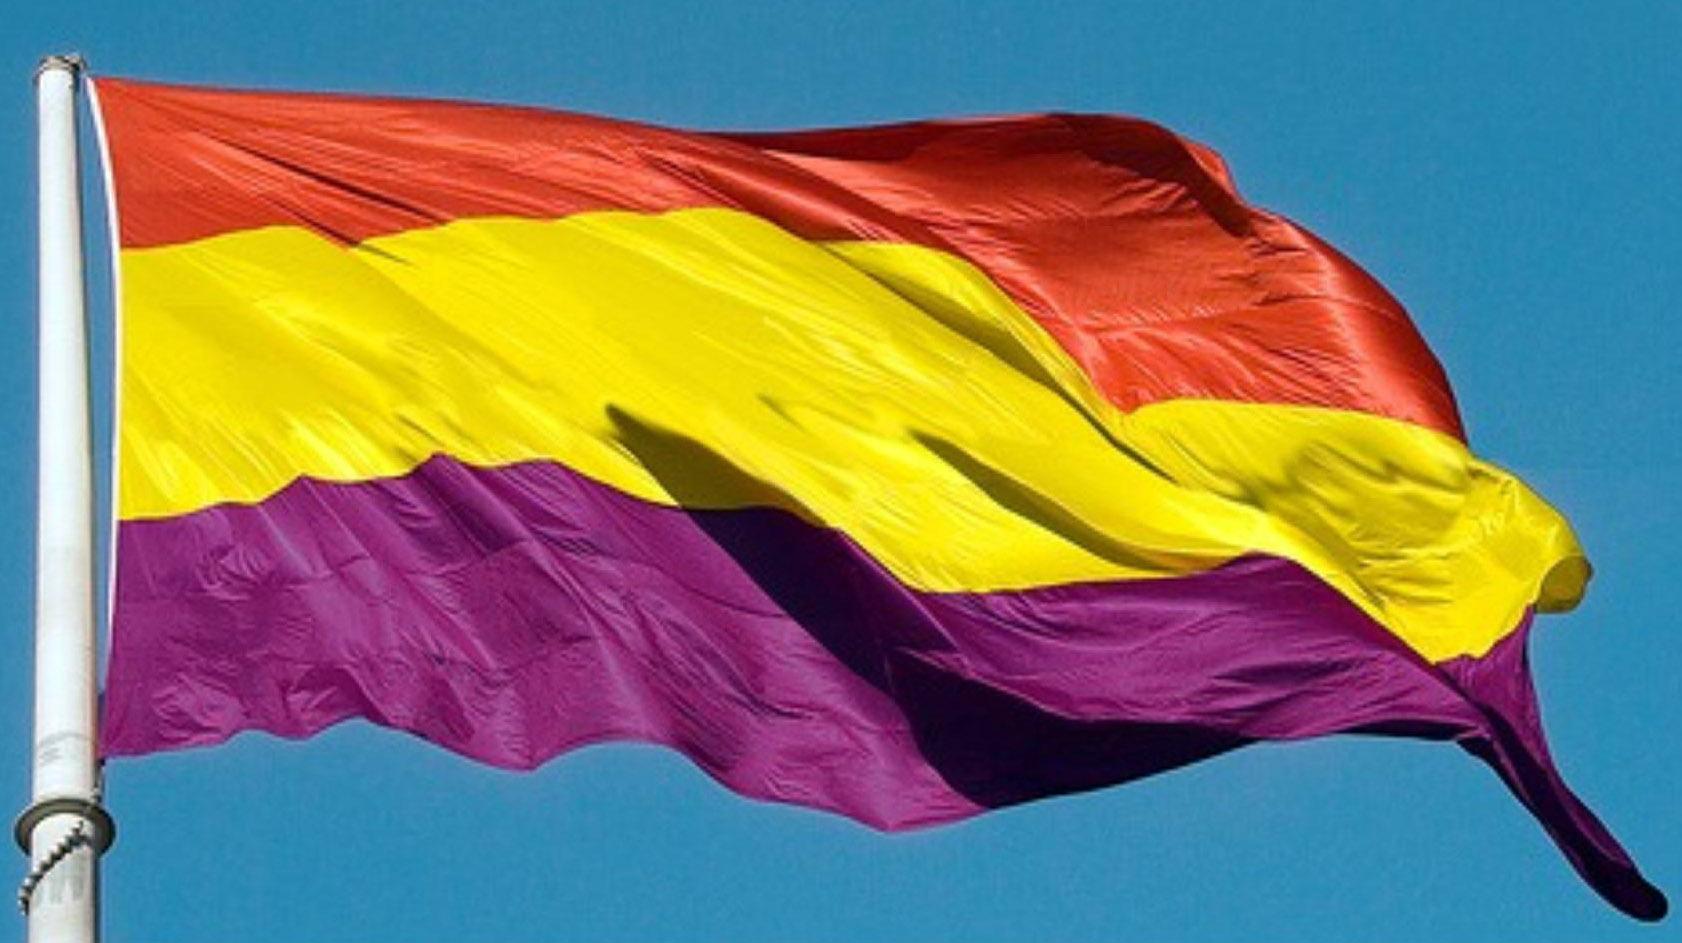 bandiera repubblicana spagnola